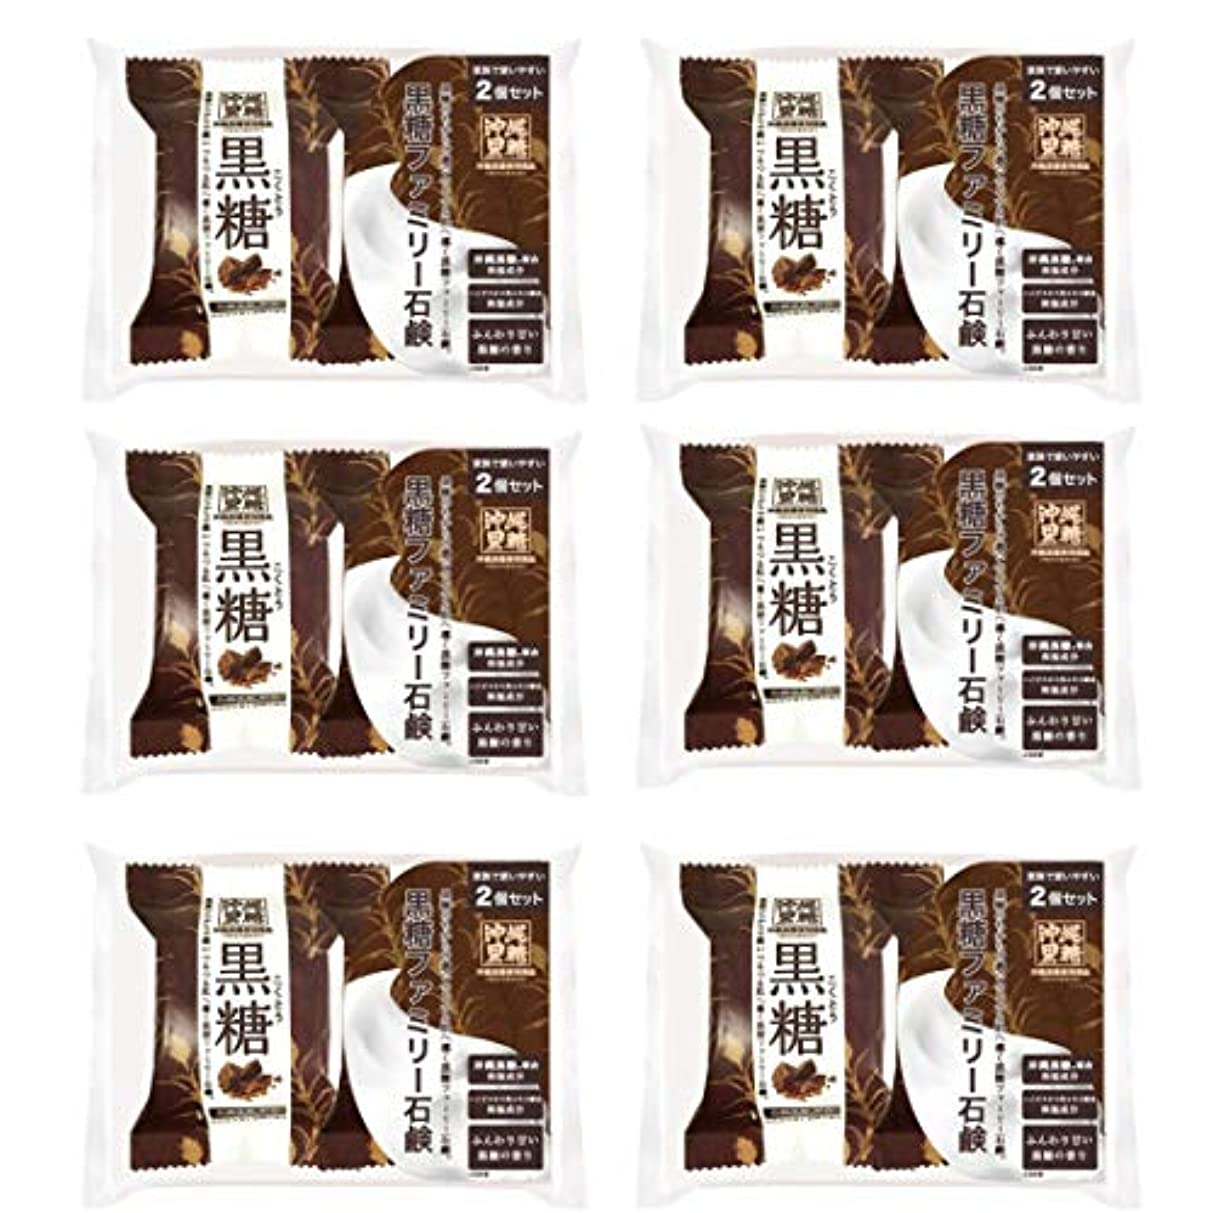 挨拶バイオリニストコード【6個セット】ペリカン石鹸 ファミリー黒糖石鹸 80g×2個